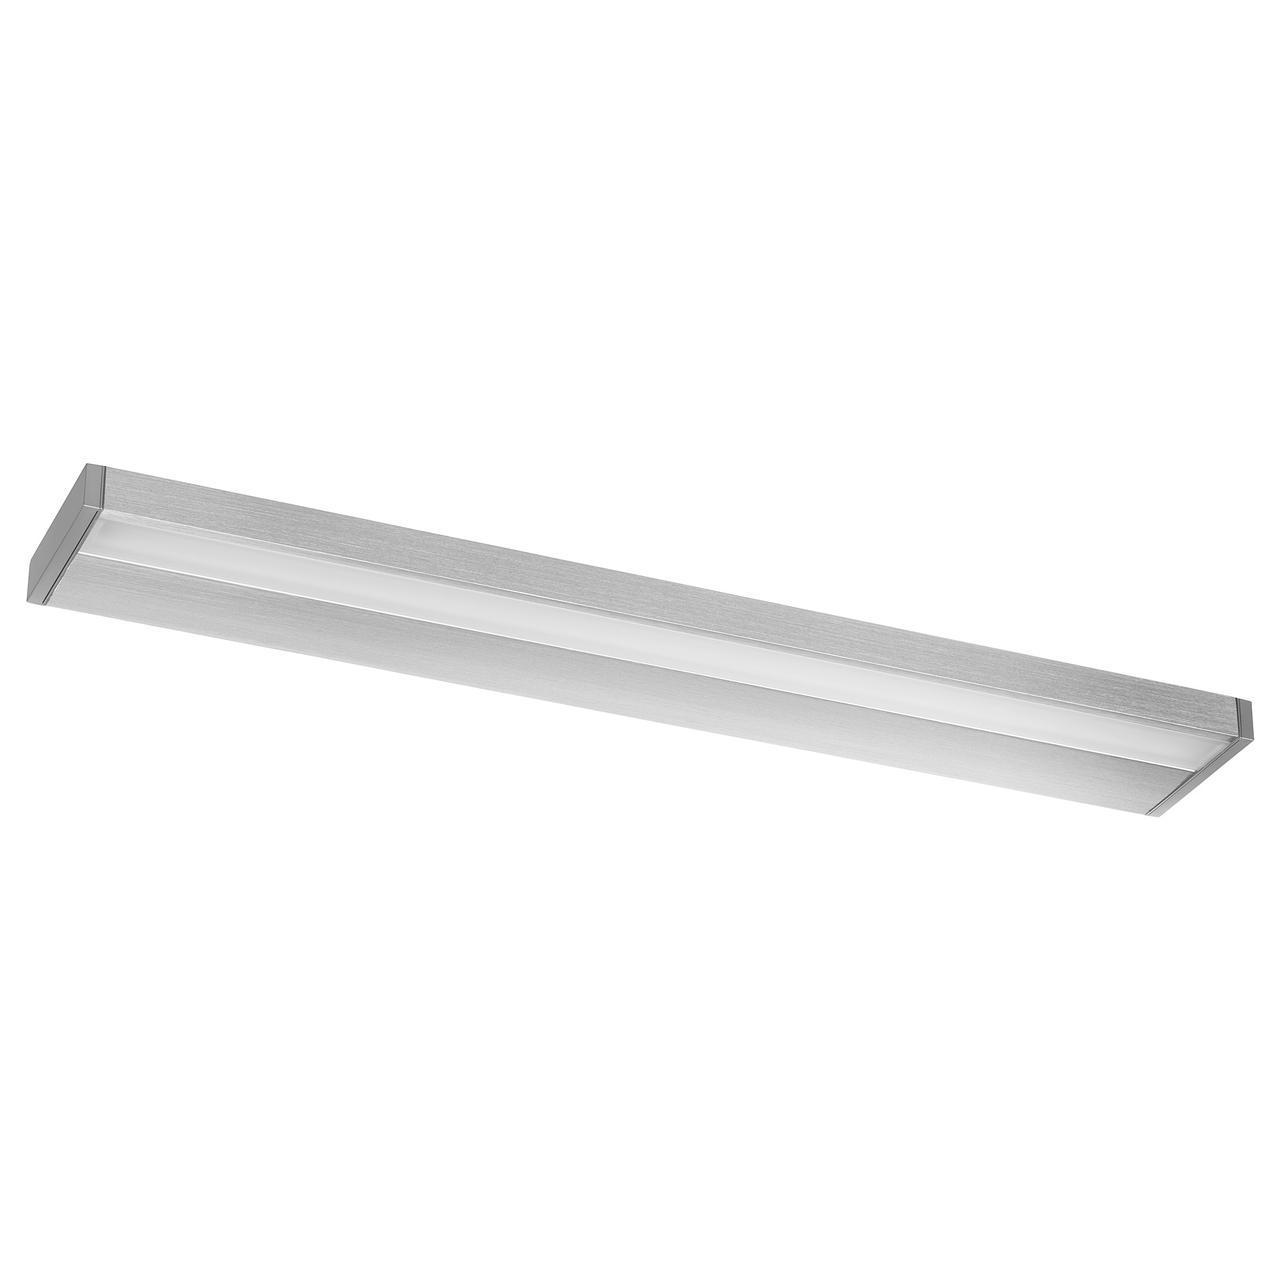 IKEA GODMORGON (102.509.13) Светодиодное освещение в шкафу/стена